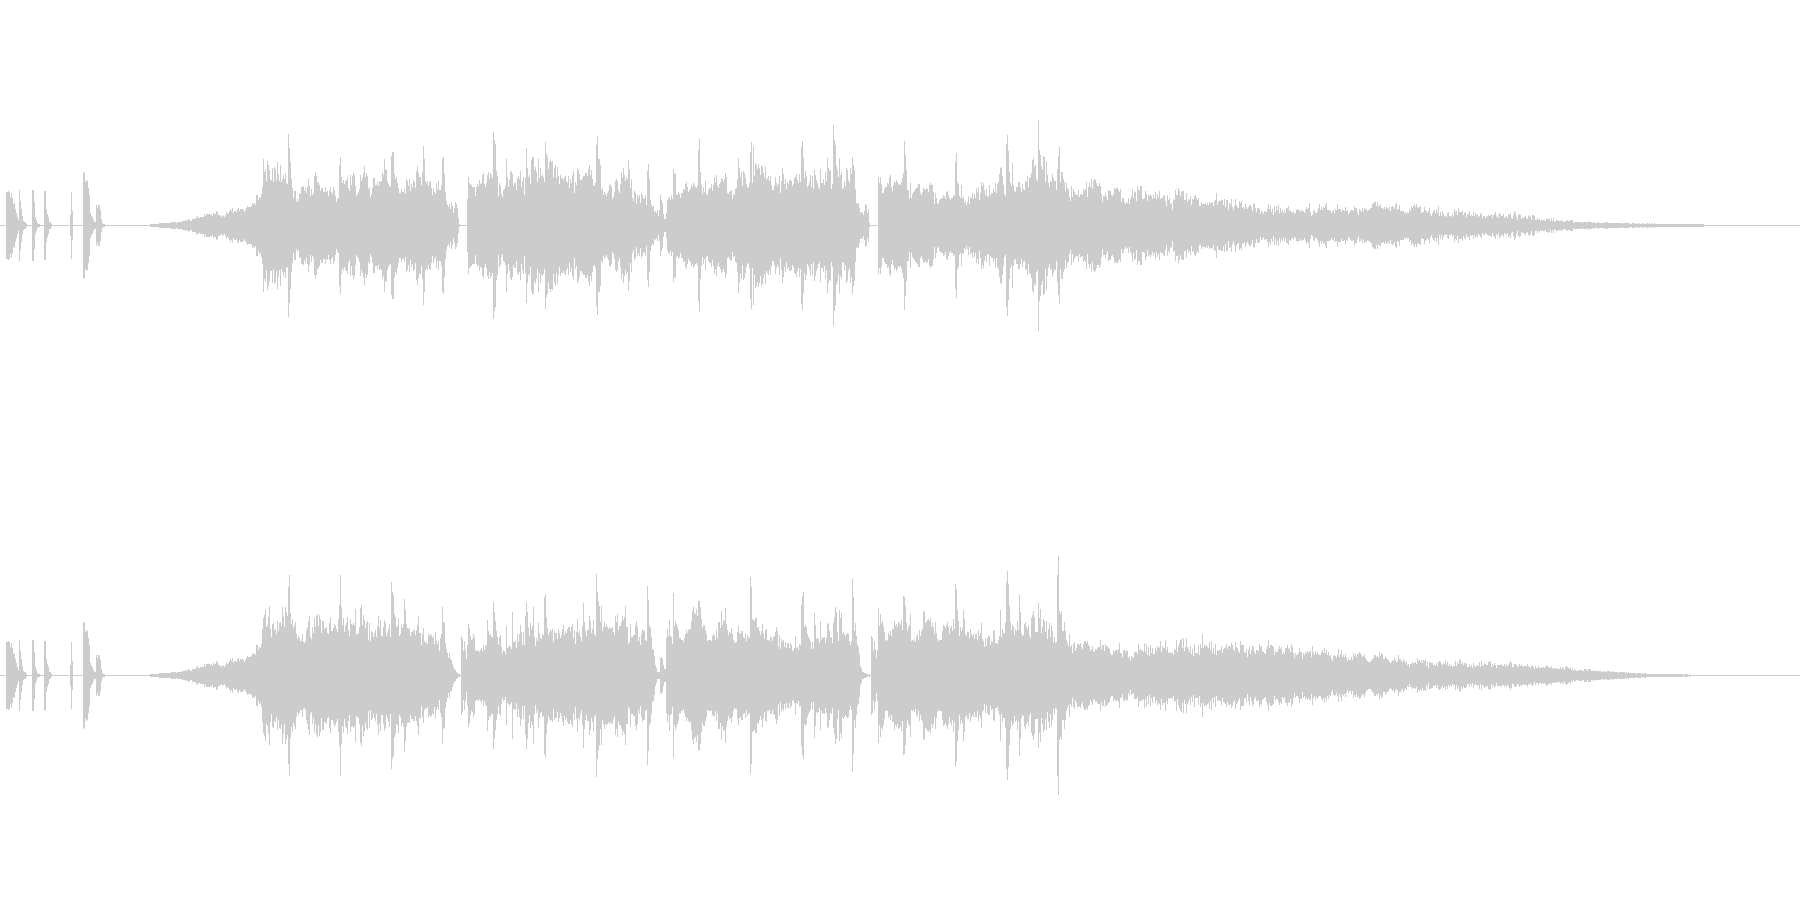 電子音系、ビート強め、ジングル、ラジオの未再生の波形